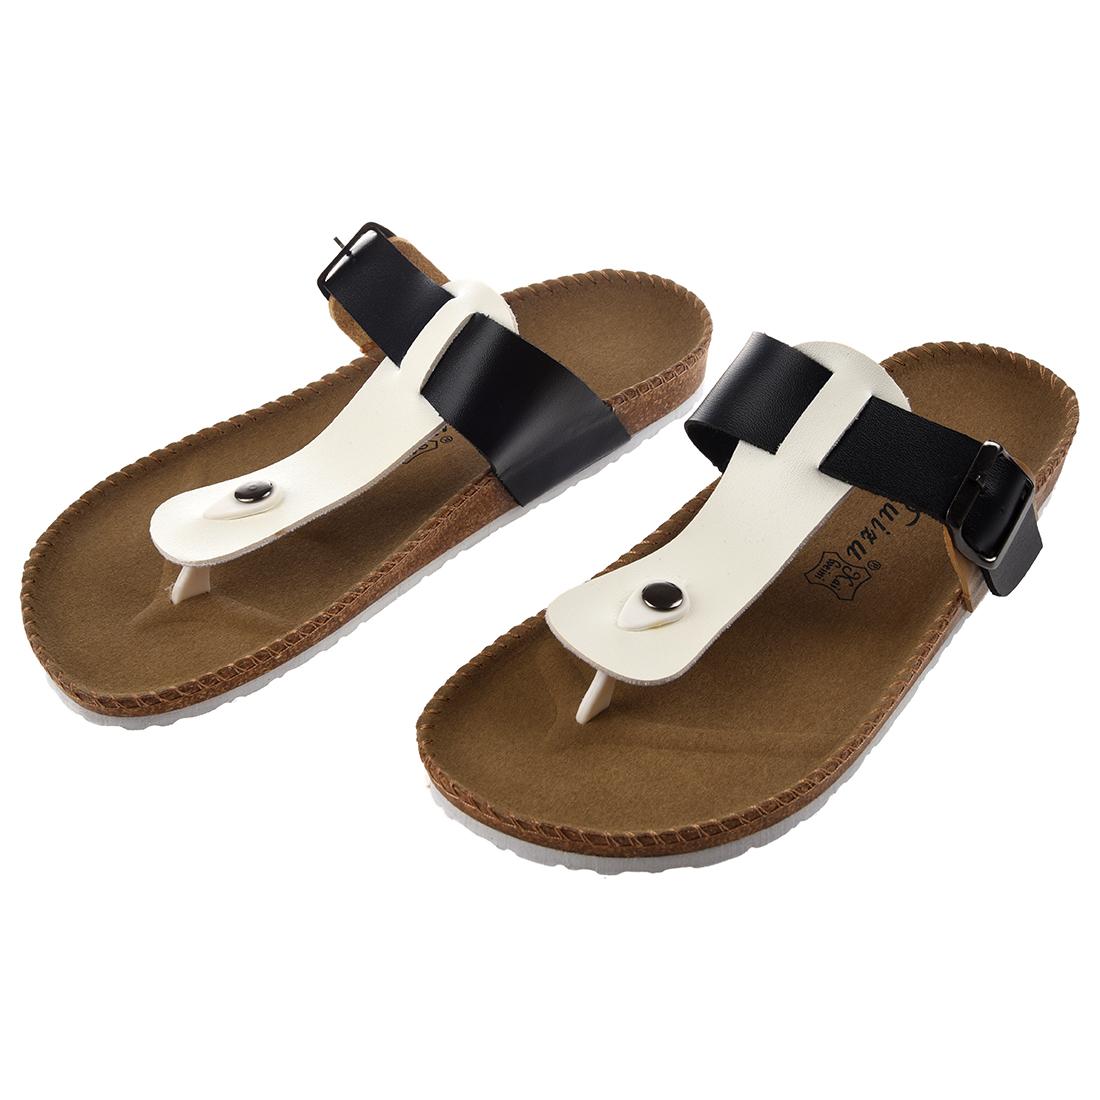 RUIZUU-Chancletas-deportivas-Sandalias-de-playa-Zapatillas-de-Mujer-Hombres-PB miniatura 8